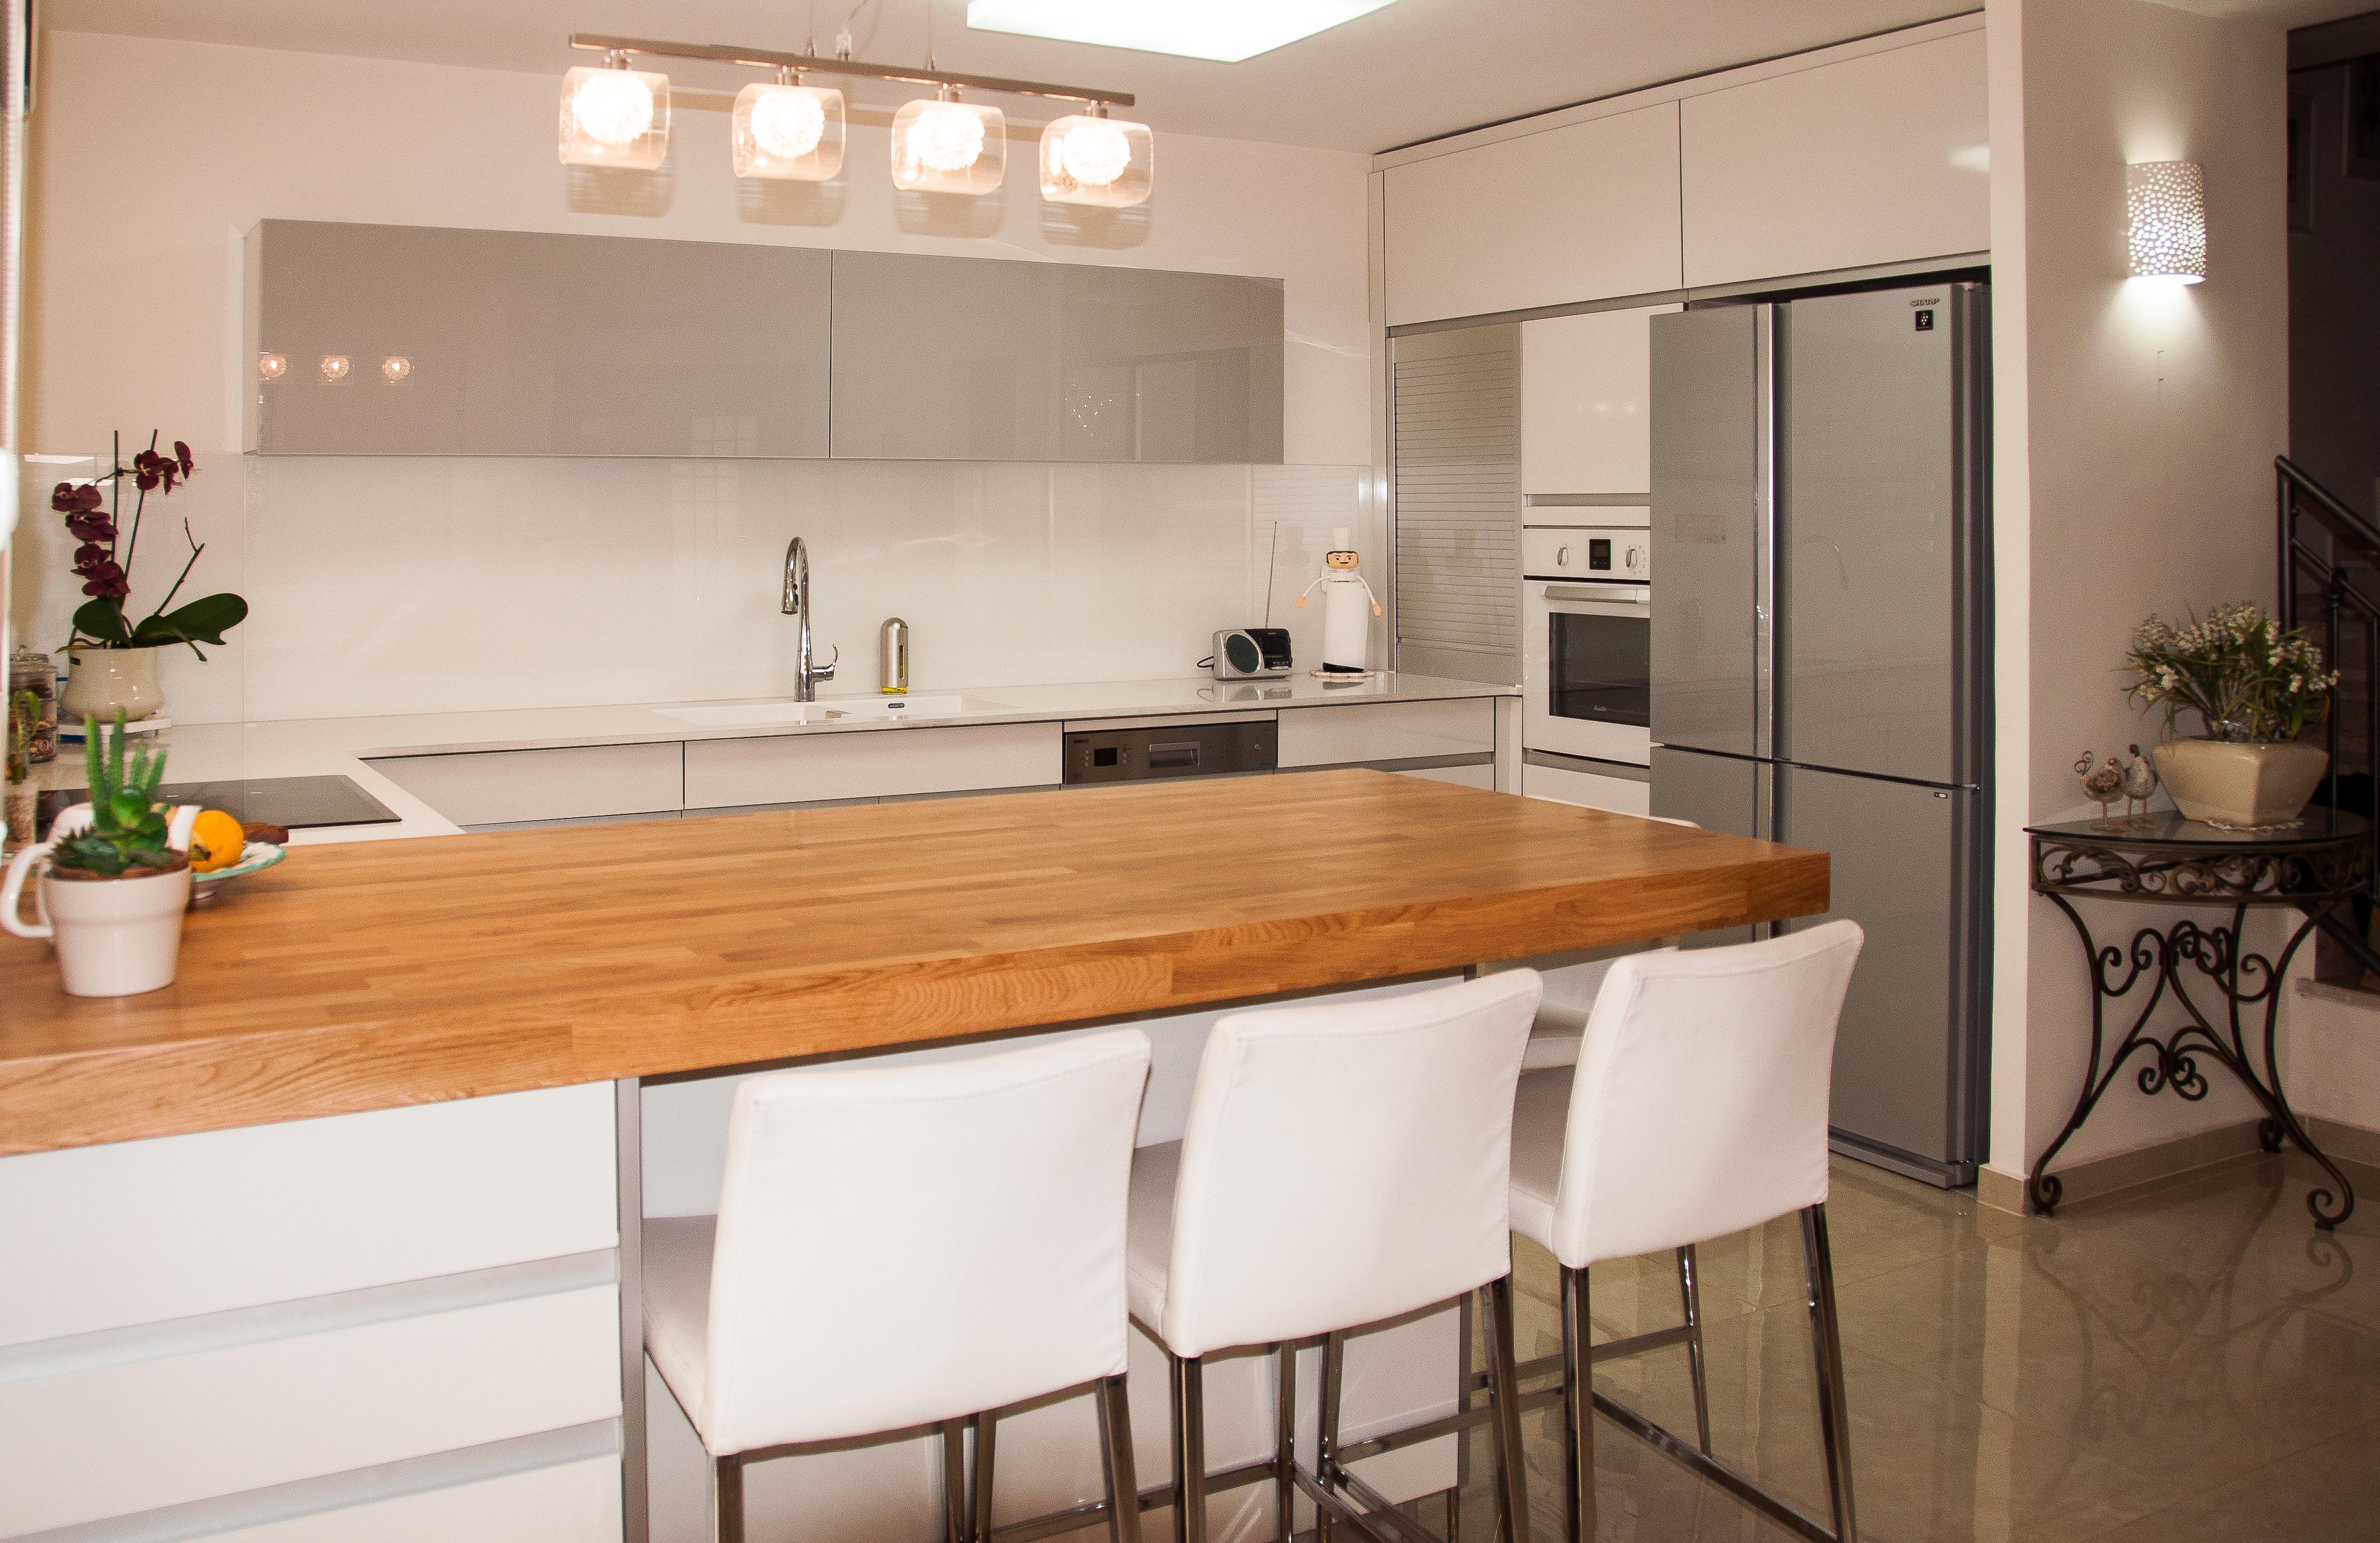 Porat+kitchen+2